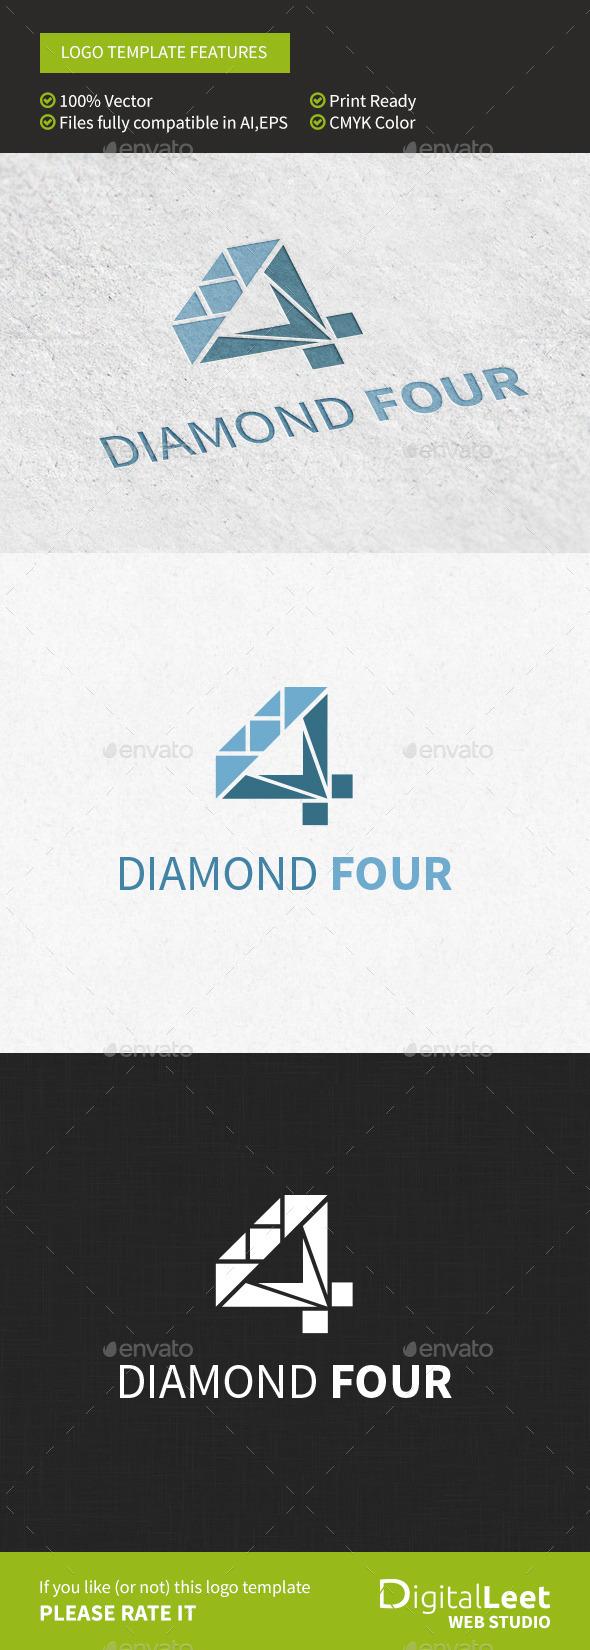 GraphicRiver Diamond Four Logo Template 8974373